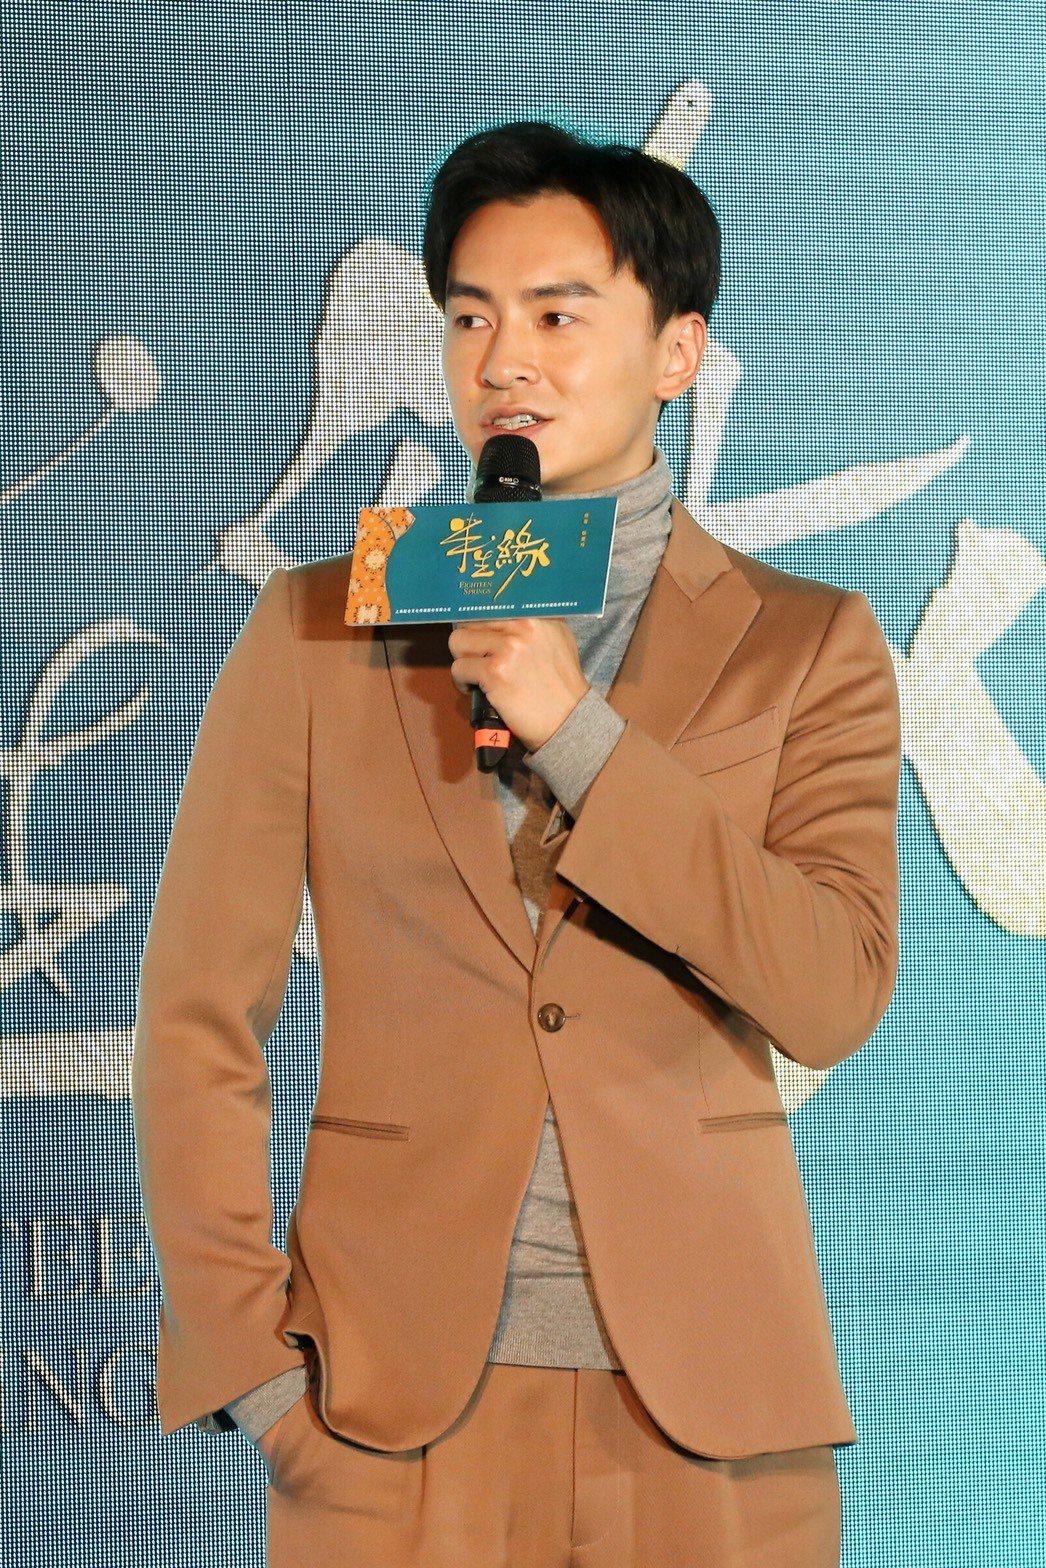 鄭元暢演出張愛玲原著改編電視劇「半生緣」。圖/最大國際娛樂提供